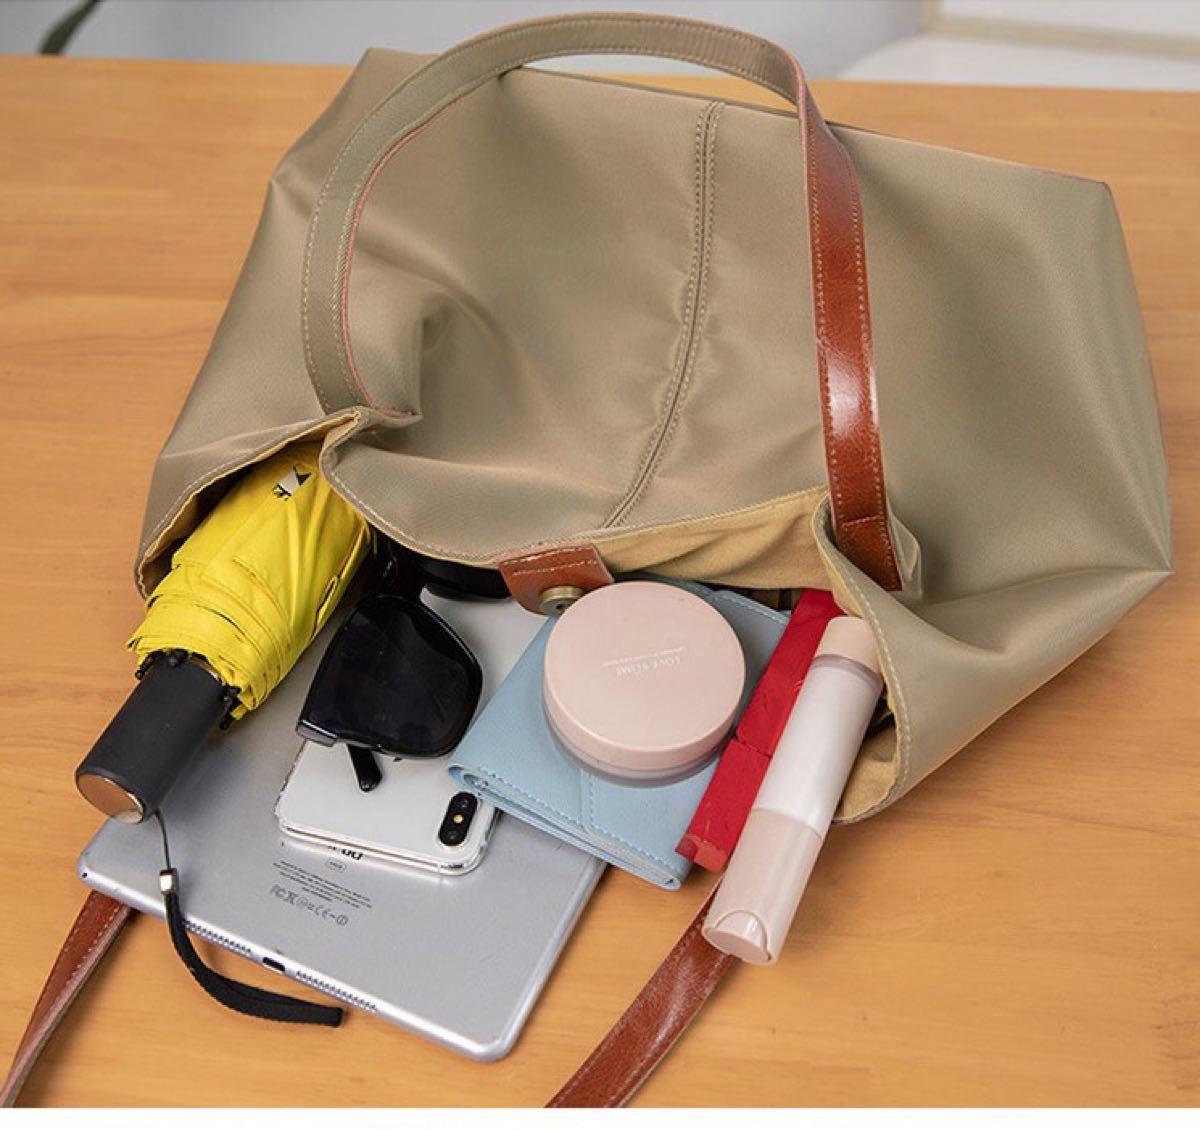 トートバッグ レディース ショルダーバッグ 大容量 インナーバッグ付き バッグインバッグ 2way 通勤バッグ 大きい